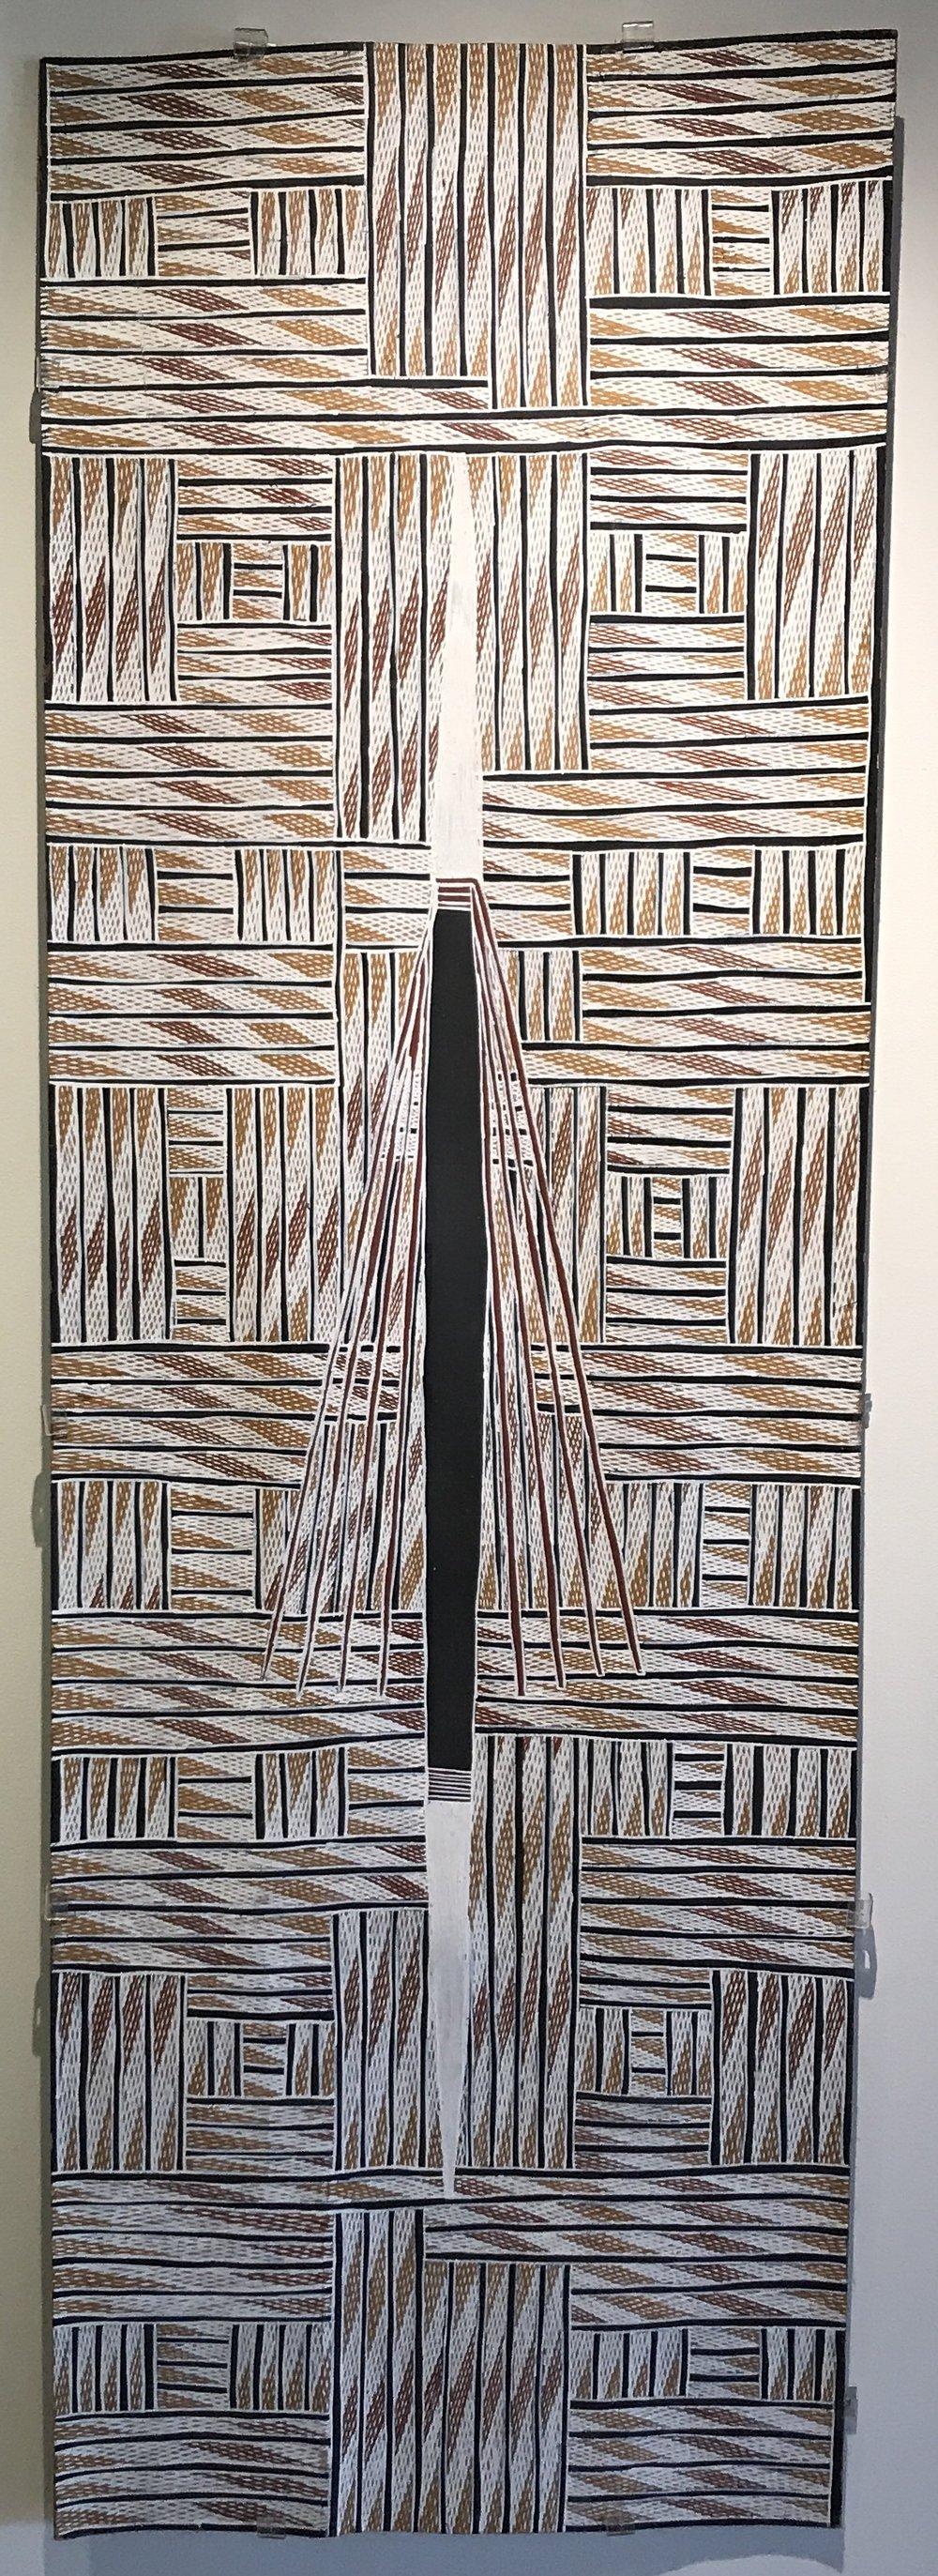 """BANDUK MARIKA  Mawalan  Natural earth pigment on bark 48"""" x 20.9"""" (148 x 41 cm)  Buku Catalog #2882N   EMAIL INQUIRY"""